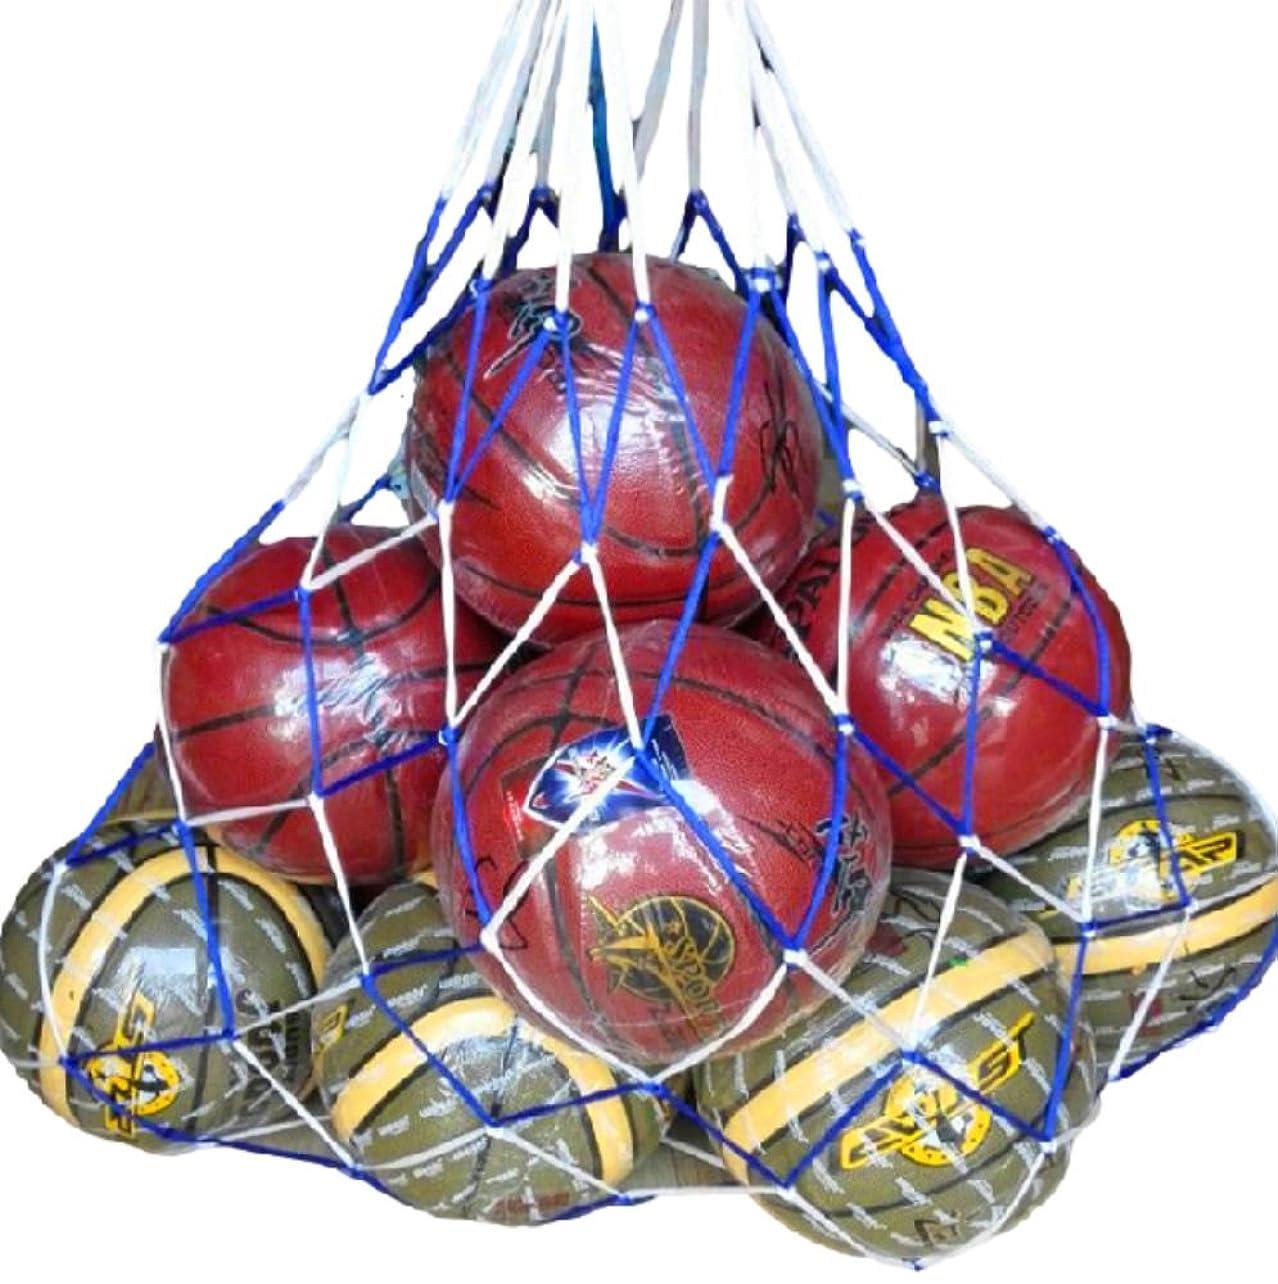 情緒的急ぐ同情的(リッチェ) Ricce 大容量 ! バスケットボール 10個 収容 特大 メッシュ ボールネット 網袋 ネット 簡易バッグ キャリーバッグ 袋 サッカーボール バレーボール フットサル バスケ サッカー バレー ボール 学生 部活 試合 練習